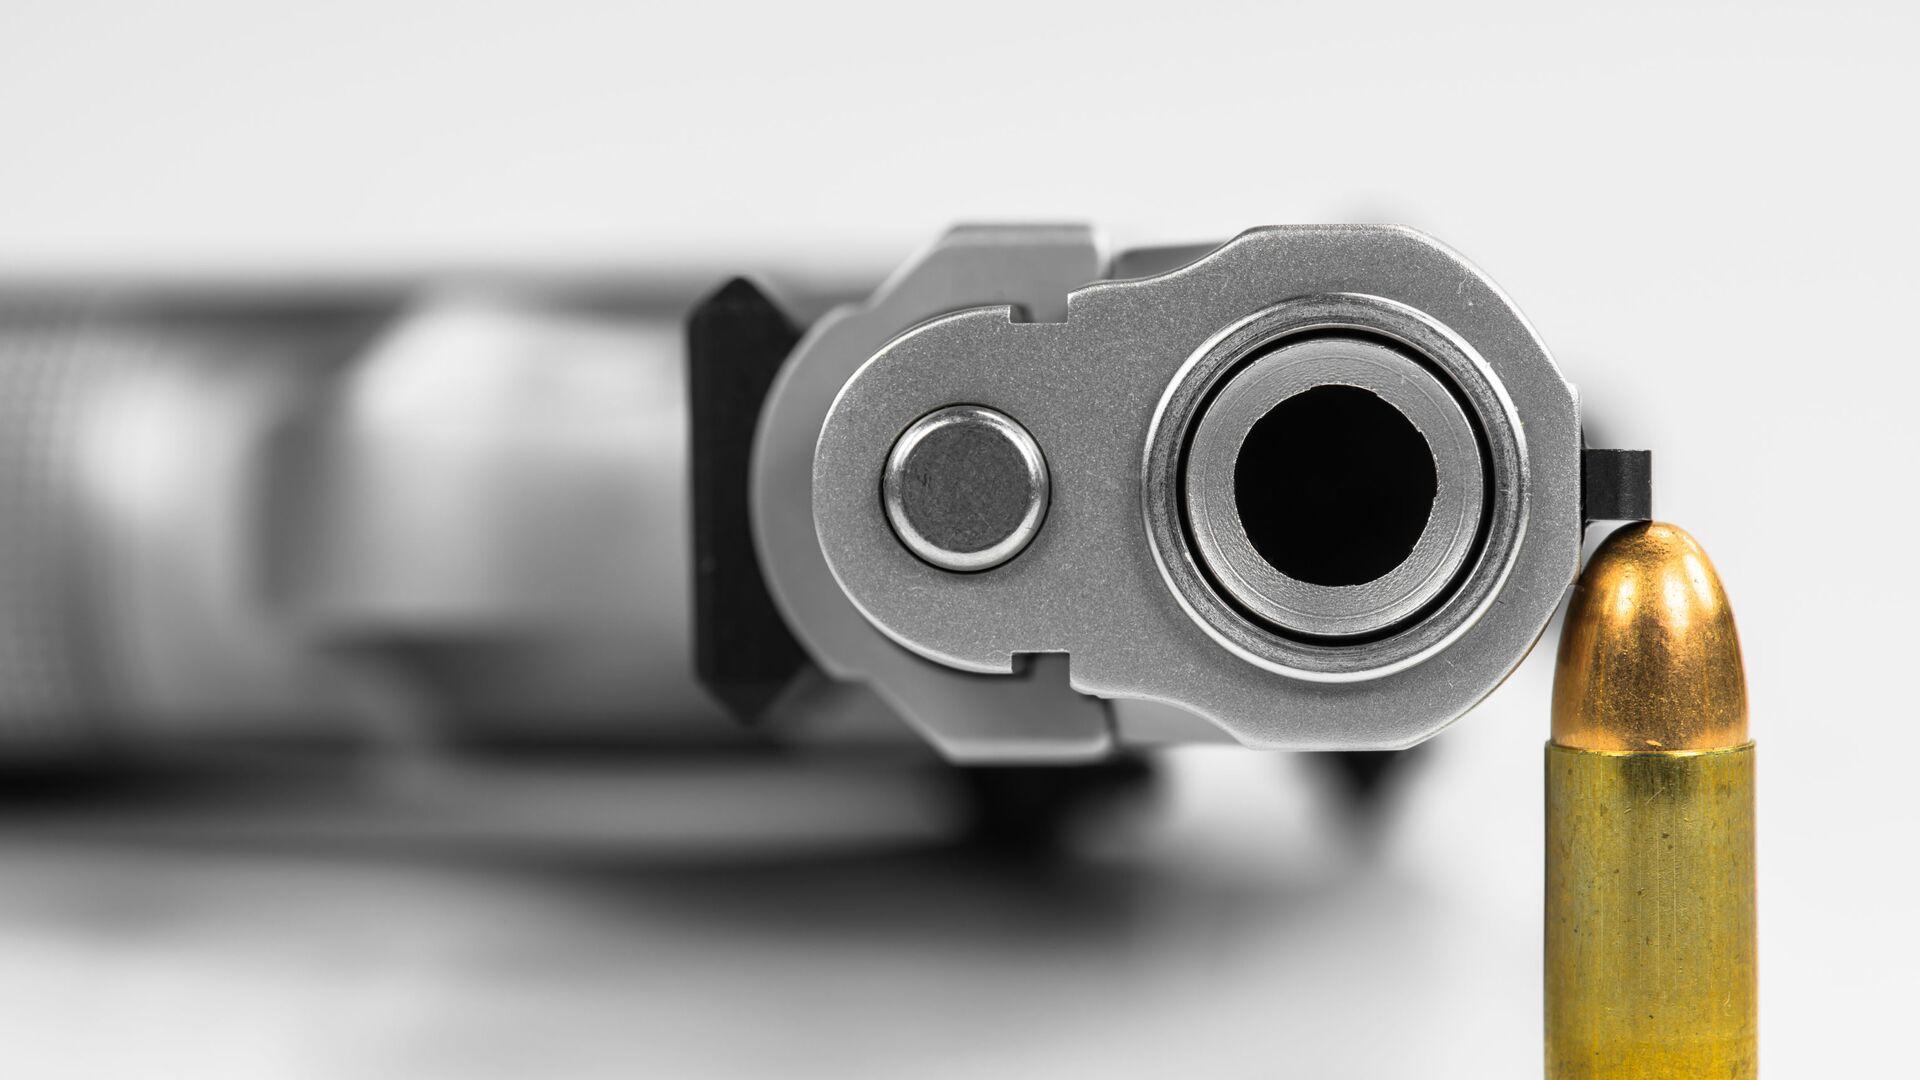 Pistole - Sputnik Česká republika, 1920, 24.08.2021